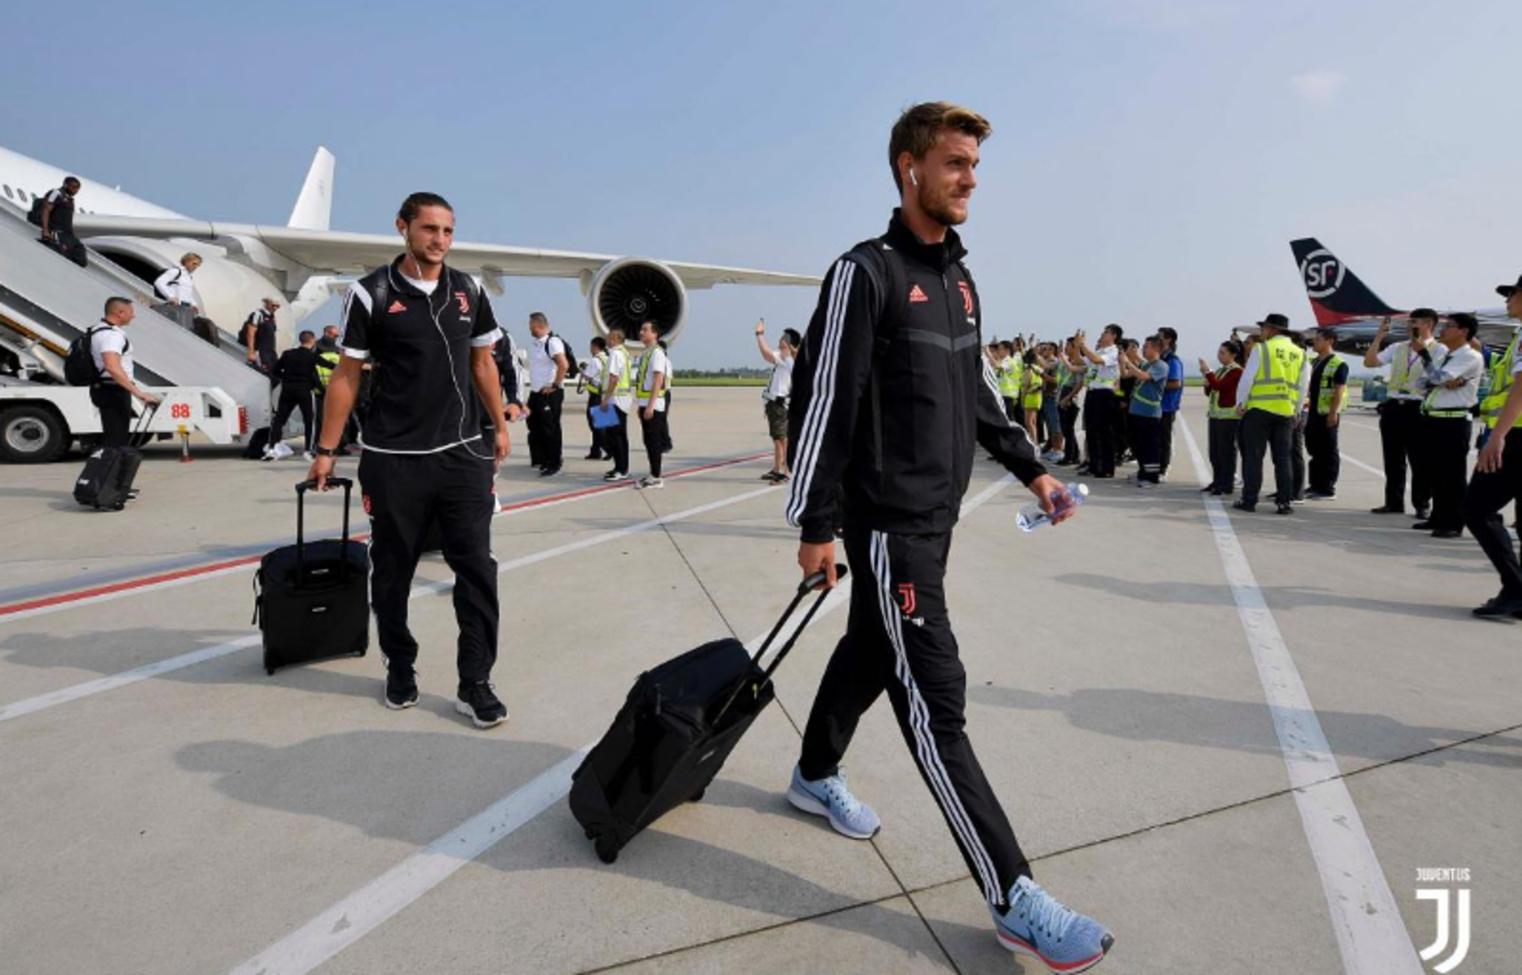 La Juve è arrivata a Nanchino, in Cina, dopo circa cinque ore di volo da Singapore. I bianconeri, reduci dalla sconfitta contro il Tottenham, p...